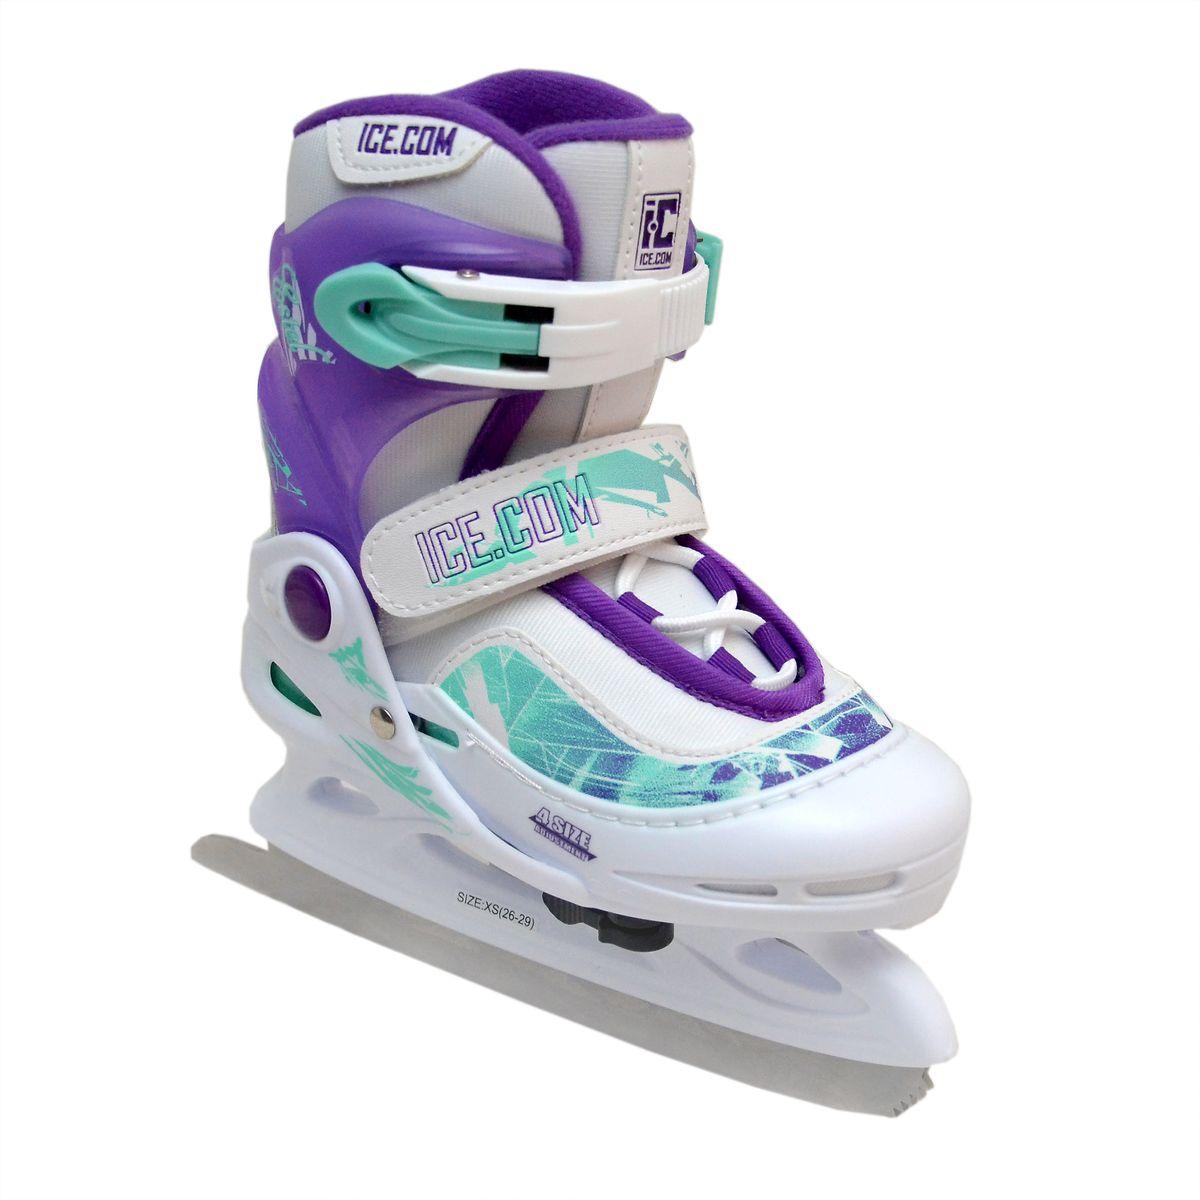 Коньки ледовые для девочки Ice. Com Estel, раздвижные, цвет: белый, фиолетовый, бирюзовый. Размер 26/29EstelЯркие ледовые коньки для девочки Estel от Ice. Com отлично подойдут для начинающих обучаться катанию. Ботинок Comfortable Fit крепко охватывает ногу, оставаясь удобным для катания. Он изготовлен из морозостойкого пластика, который защитит ногу от ударов, и прочного нейлона со вставками из ПВХ. Поролоновый утеплитель не позволит ногам замерзнуть. Четкую фиксацию голени обеспечивают шнуровка Quick Lace, застежка на липучке Velcro и застежка с фиксатором Power Strap.Стальное фигурное лезвие обеспечит превосходное скольжение.Особенностью коньков является раздвижная конструкция, которая позволяет увеличивать длину ботинка на 4 размера по мере роста ноги ребенка. Размер регулируется при помощи рычажка.Оформлена модель оригинальными узорами и тиснениями в виде логотипа бренда на пятке, язычке и застежке.Чтобы максимально точно подобрать размер коньков, определите длину своей стопы с точностью до миллиметра. Для этого поставьте босую ногу на лист бумаги А4 и отметьте на бумаге пятку и носок своей стопы. Затем измерьте обычной линейкой расстояние (до миллиметра) между этими отметками на бумаге. Не забудьте добавить 2-3 мм запаса.